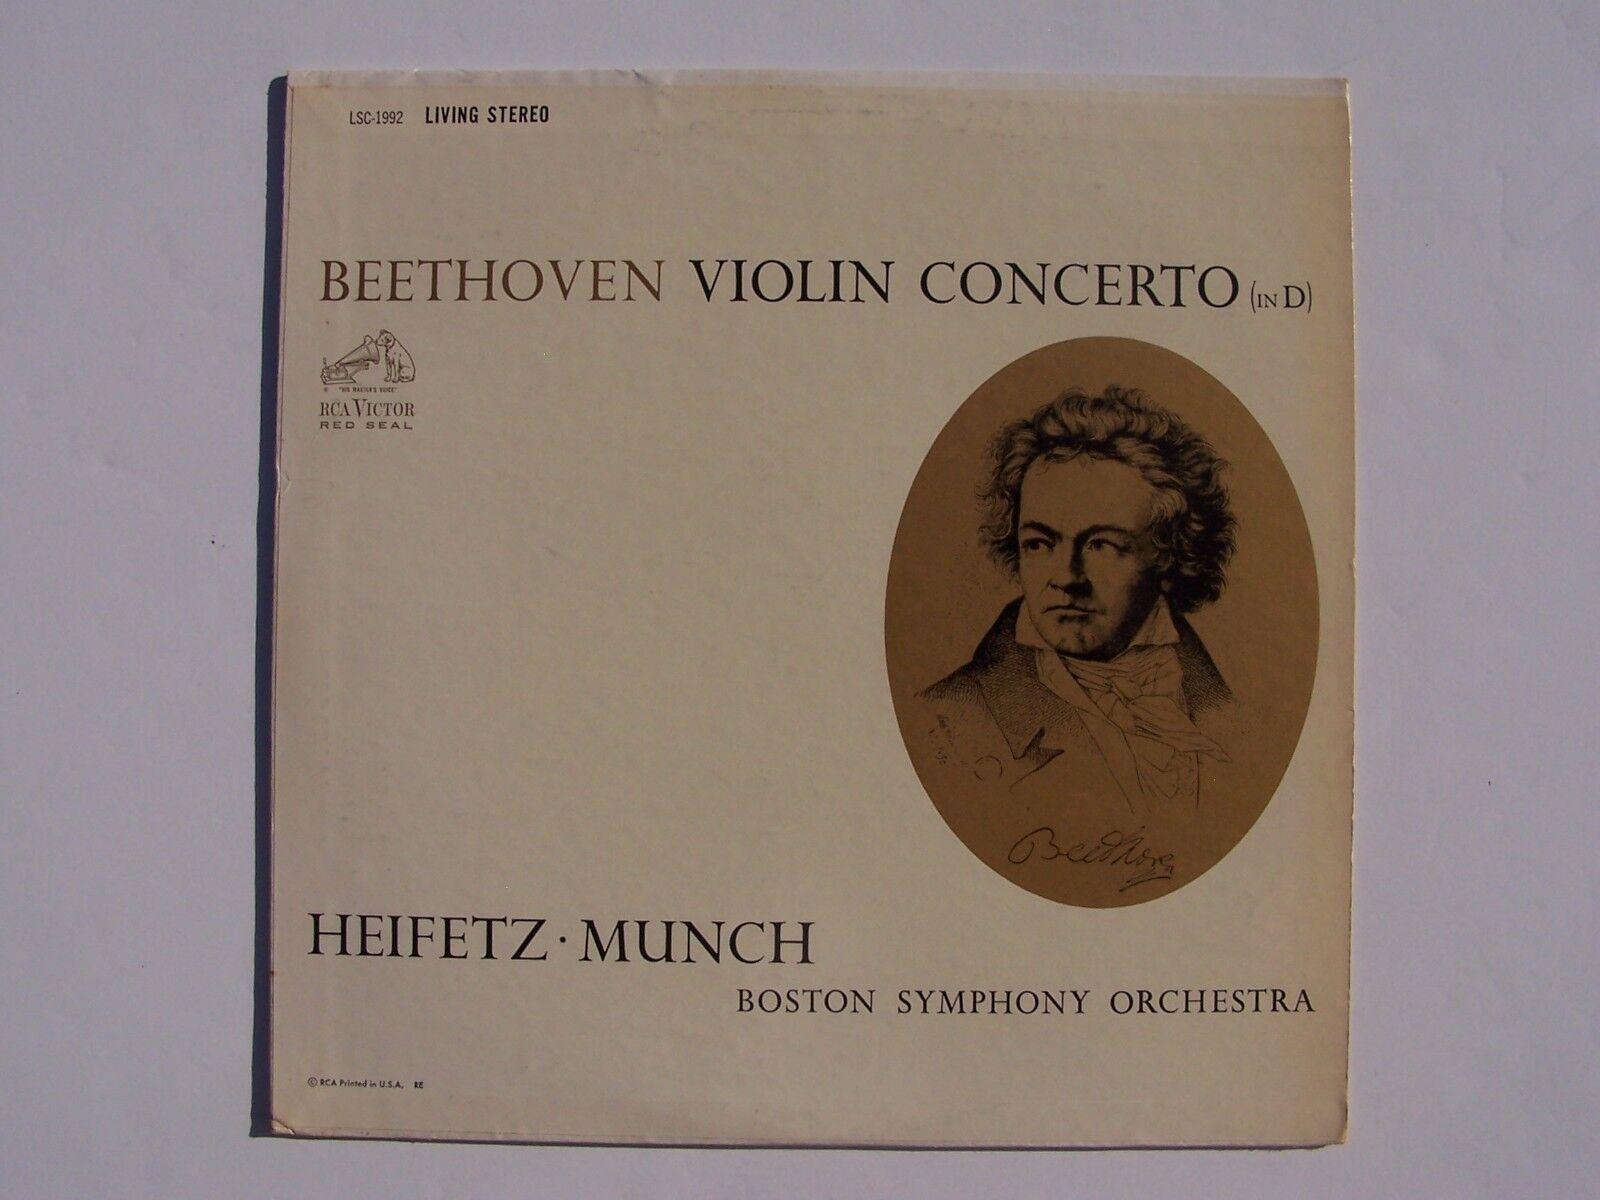 Beethoven Heifetz Munch BSO Violin Concerto In D Vinyl